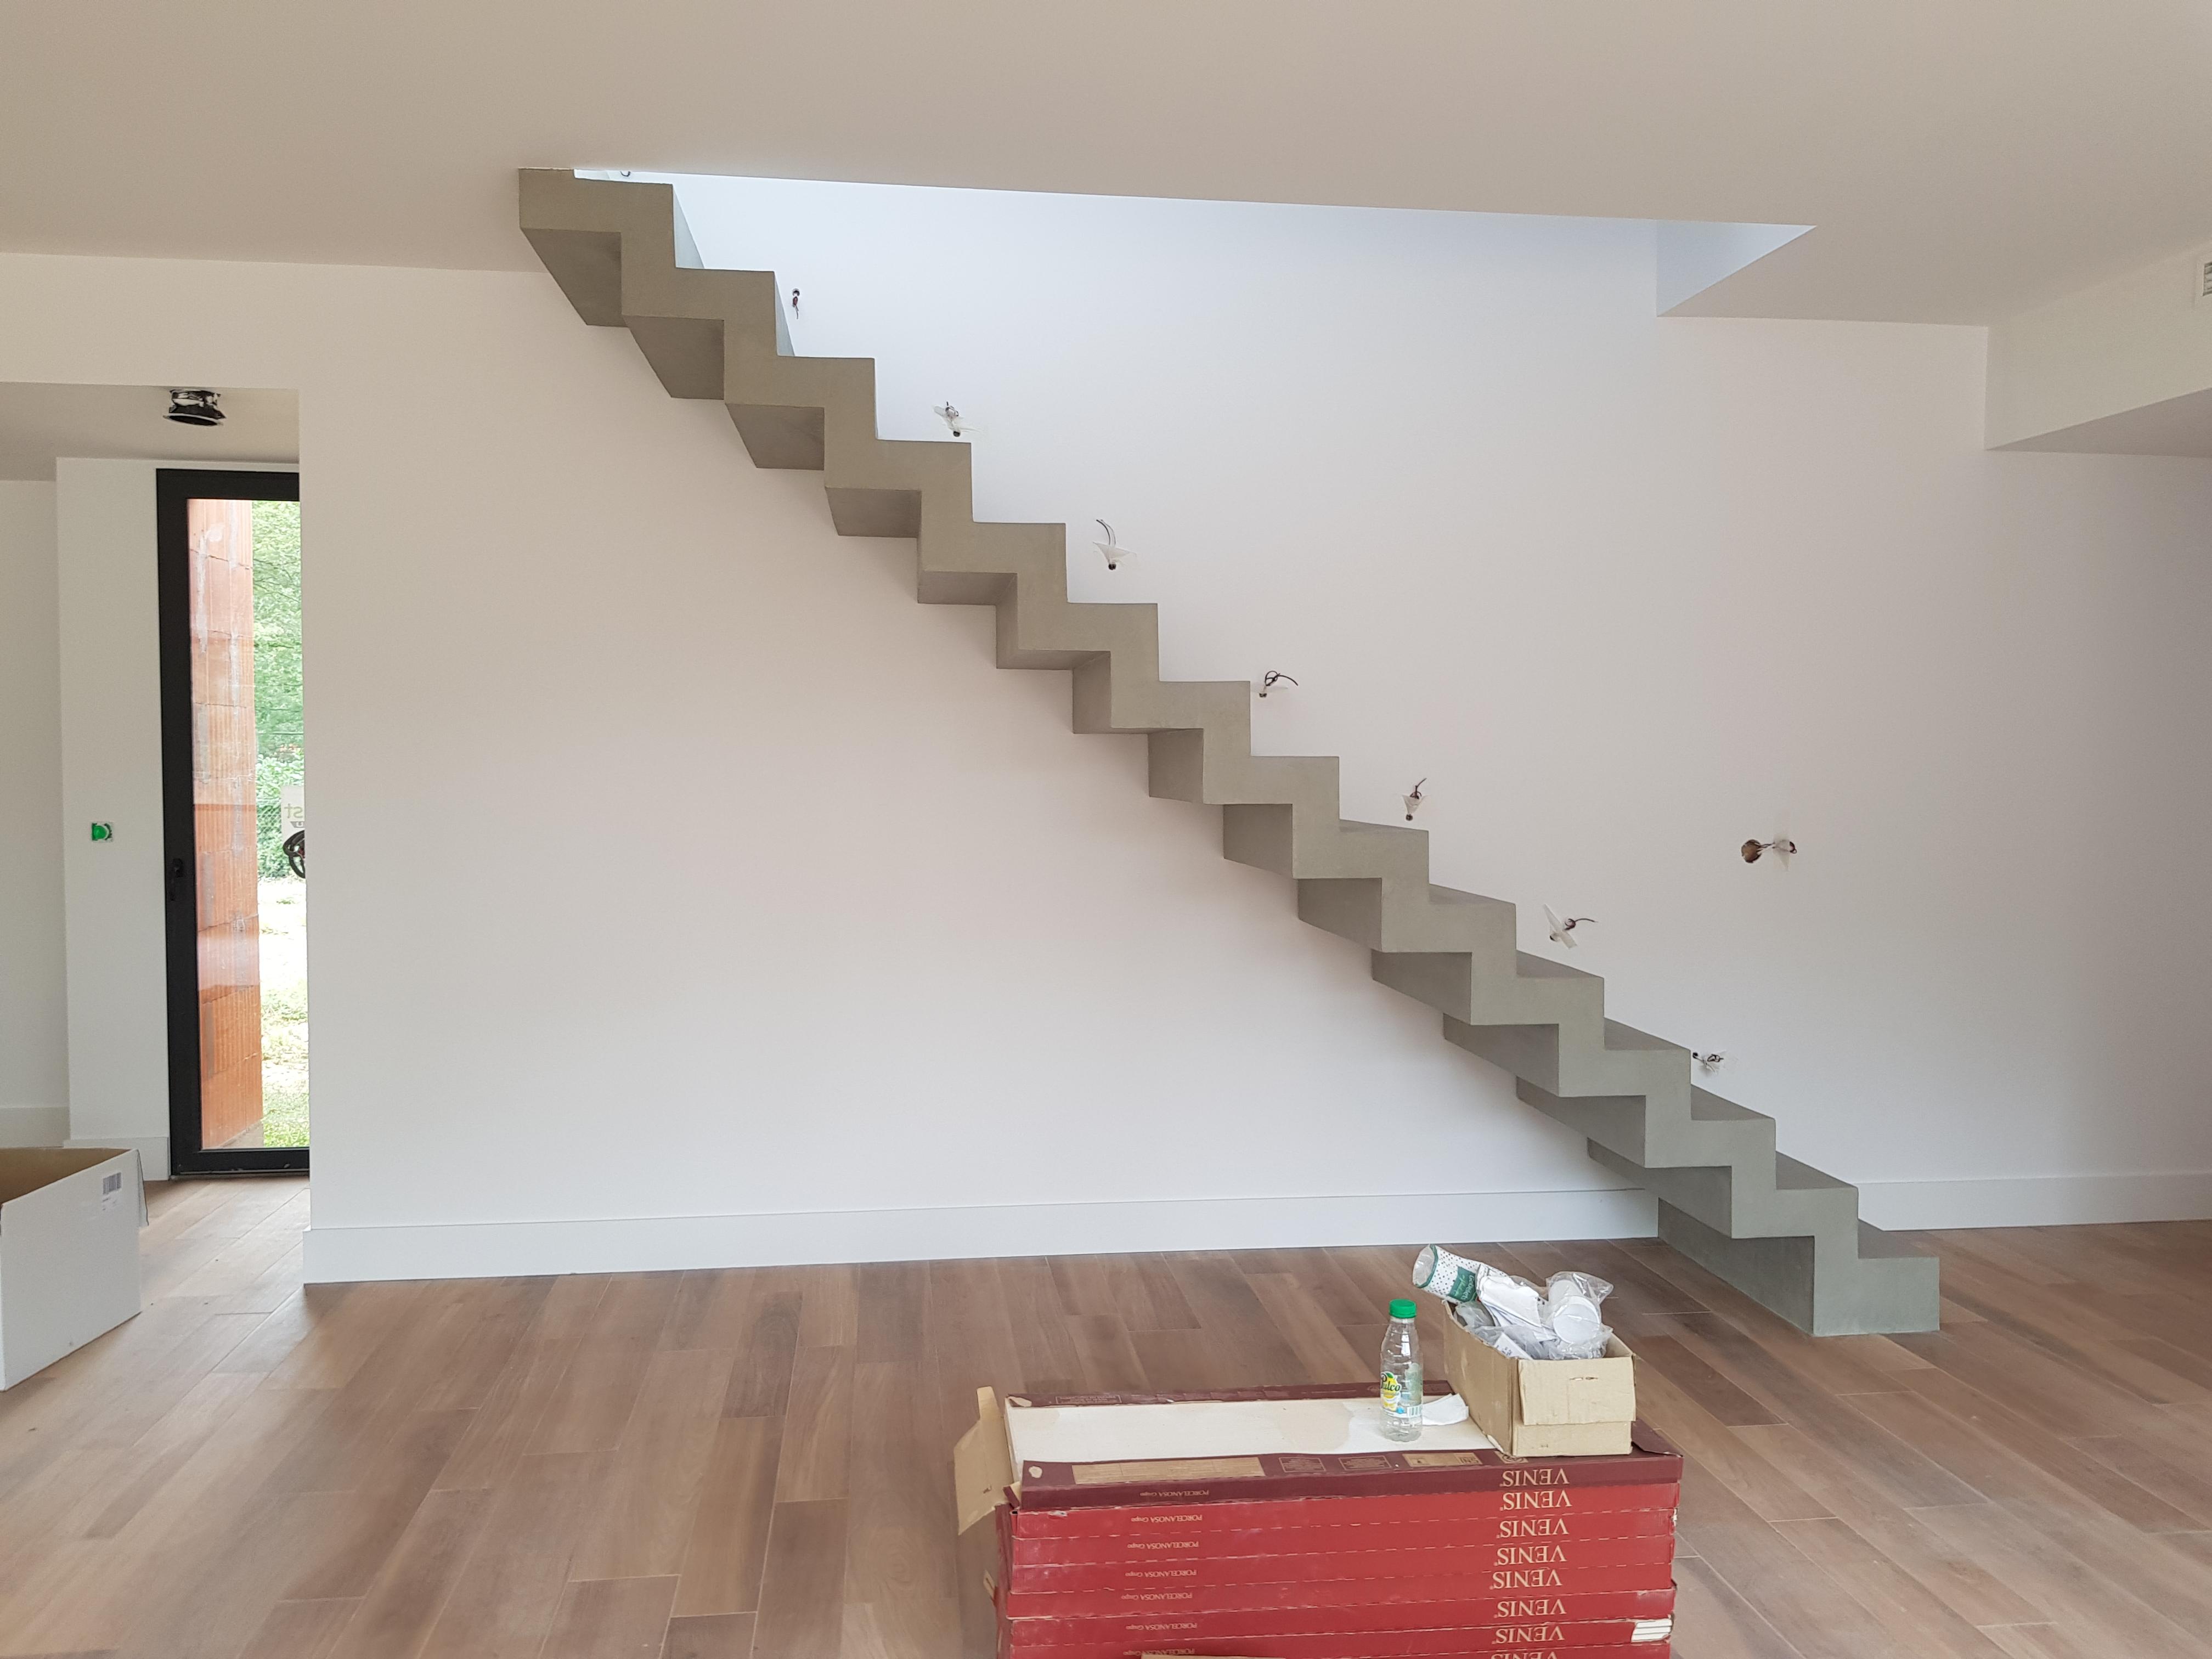 elégant escalier crémaillère contemporain en béton ciré  à Saint bernard pour un maitre d'œuvre